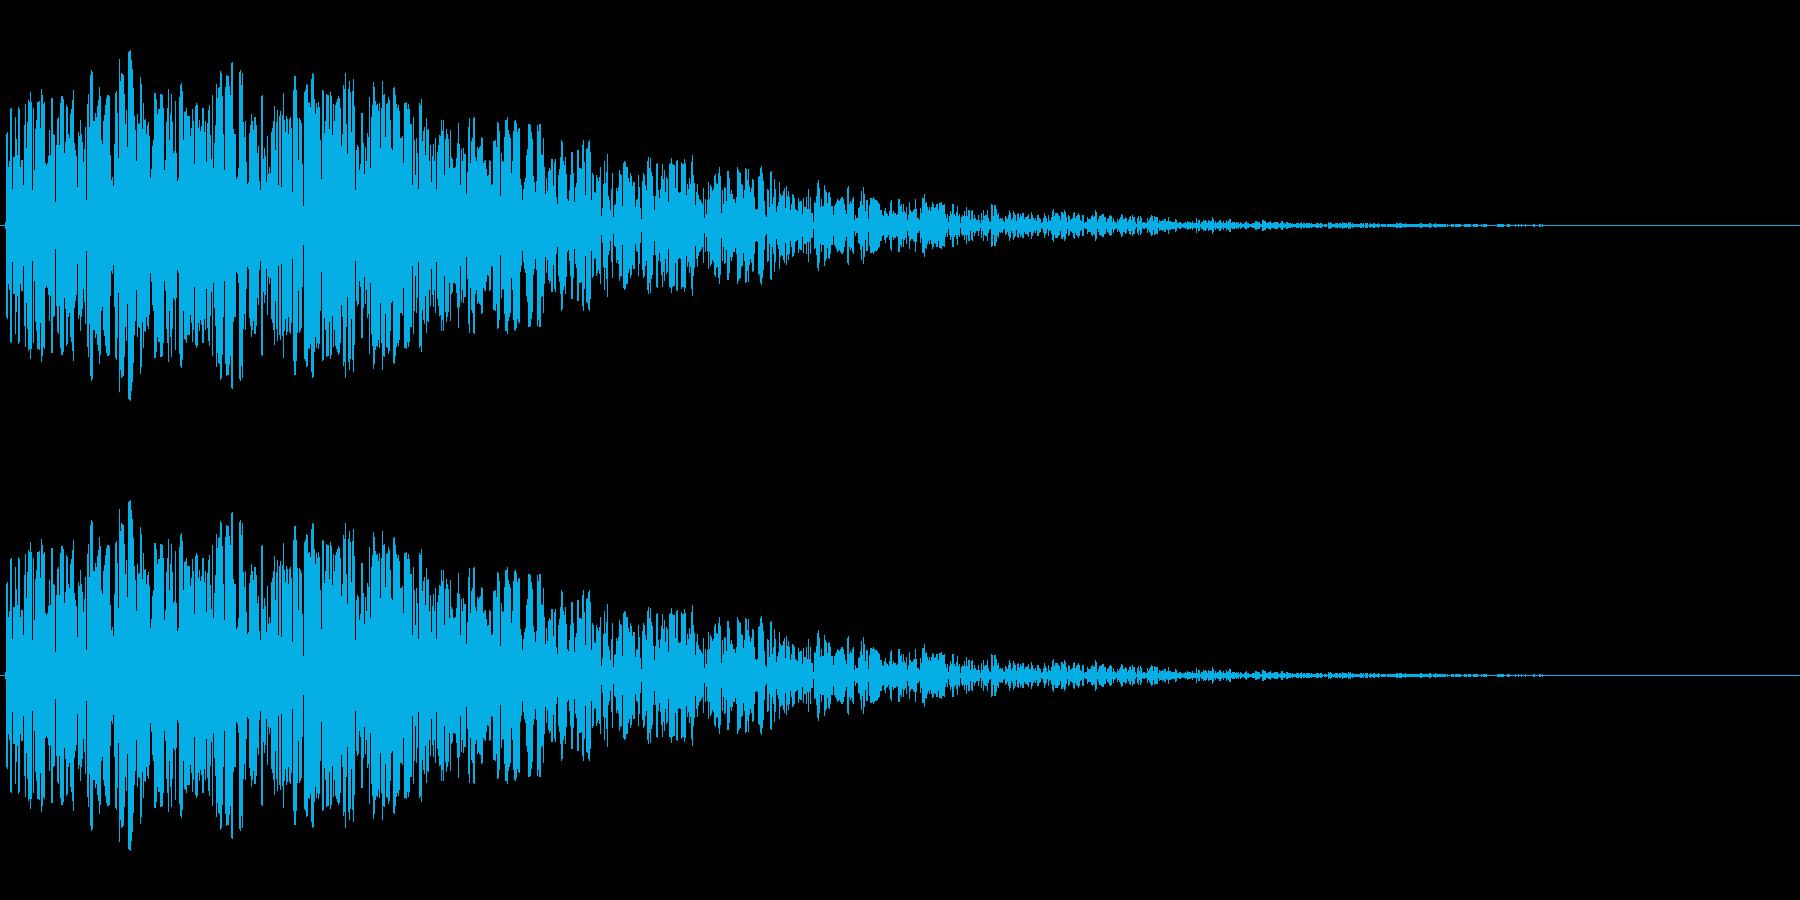 昭和の特撮にありそうな衝撃音(ドン)の再生済みの波形